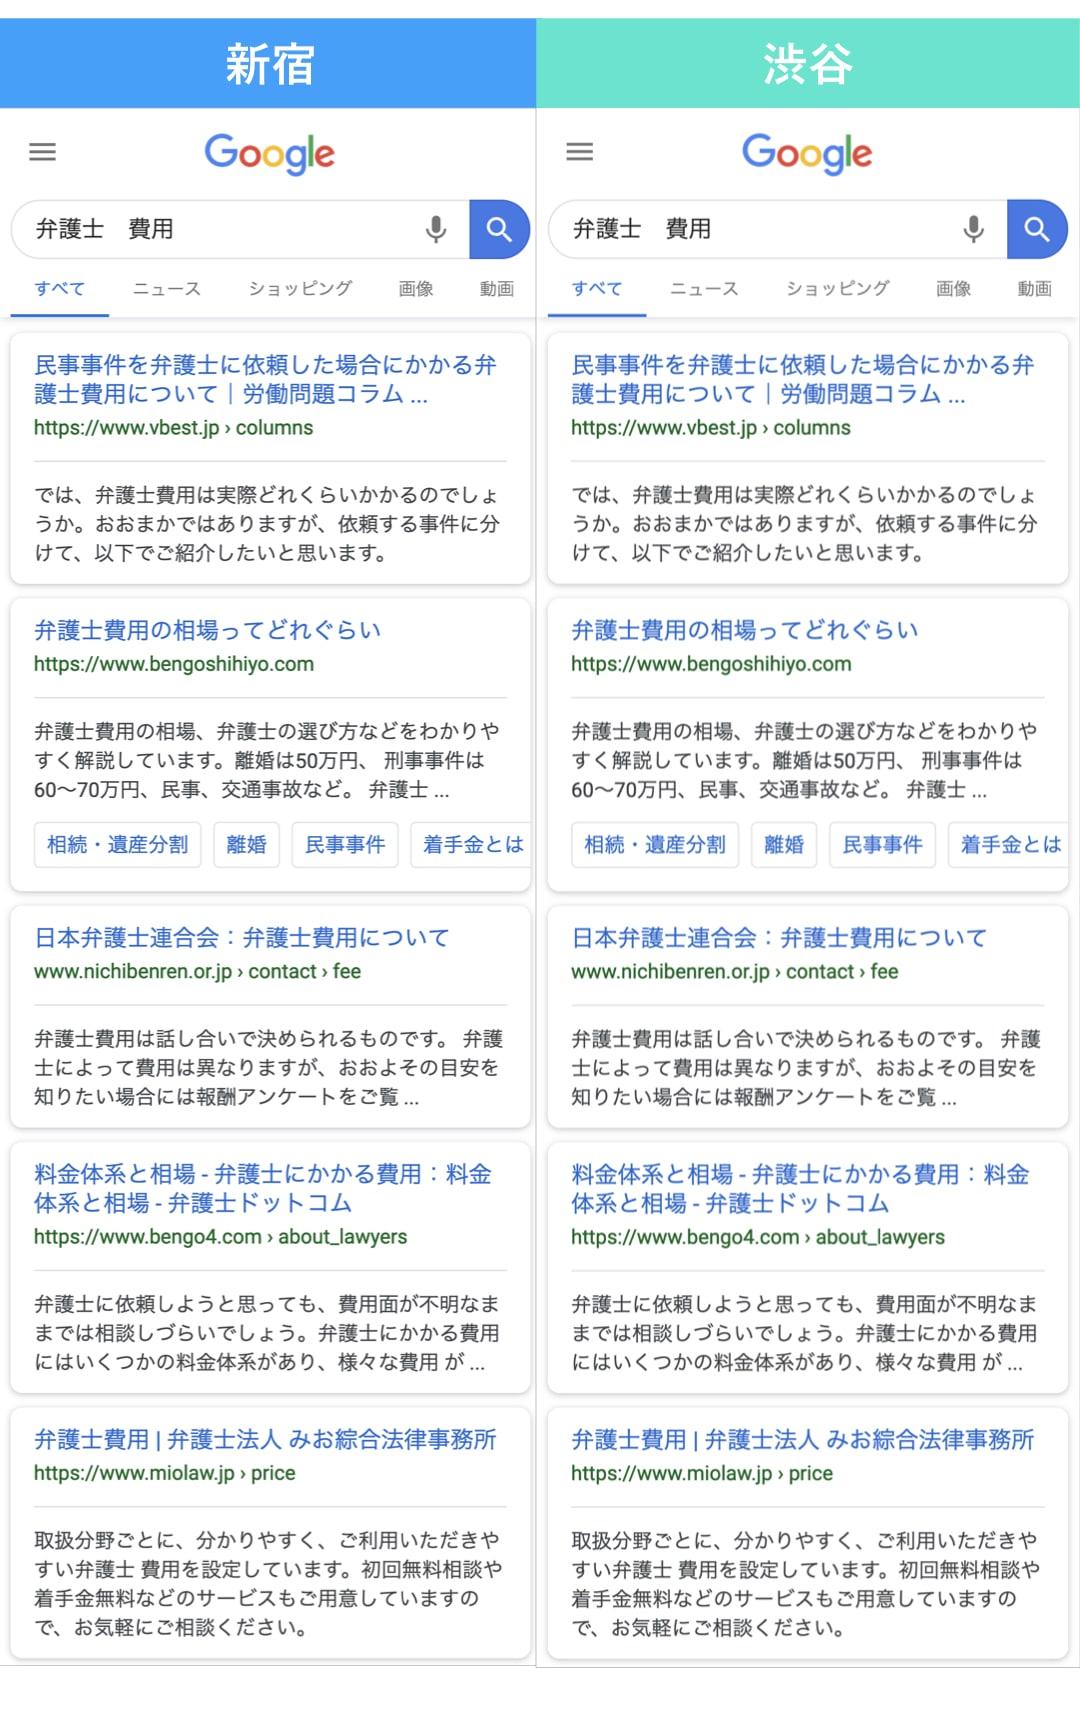 地域による検索表示順位の違い「弁護士_費用」